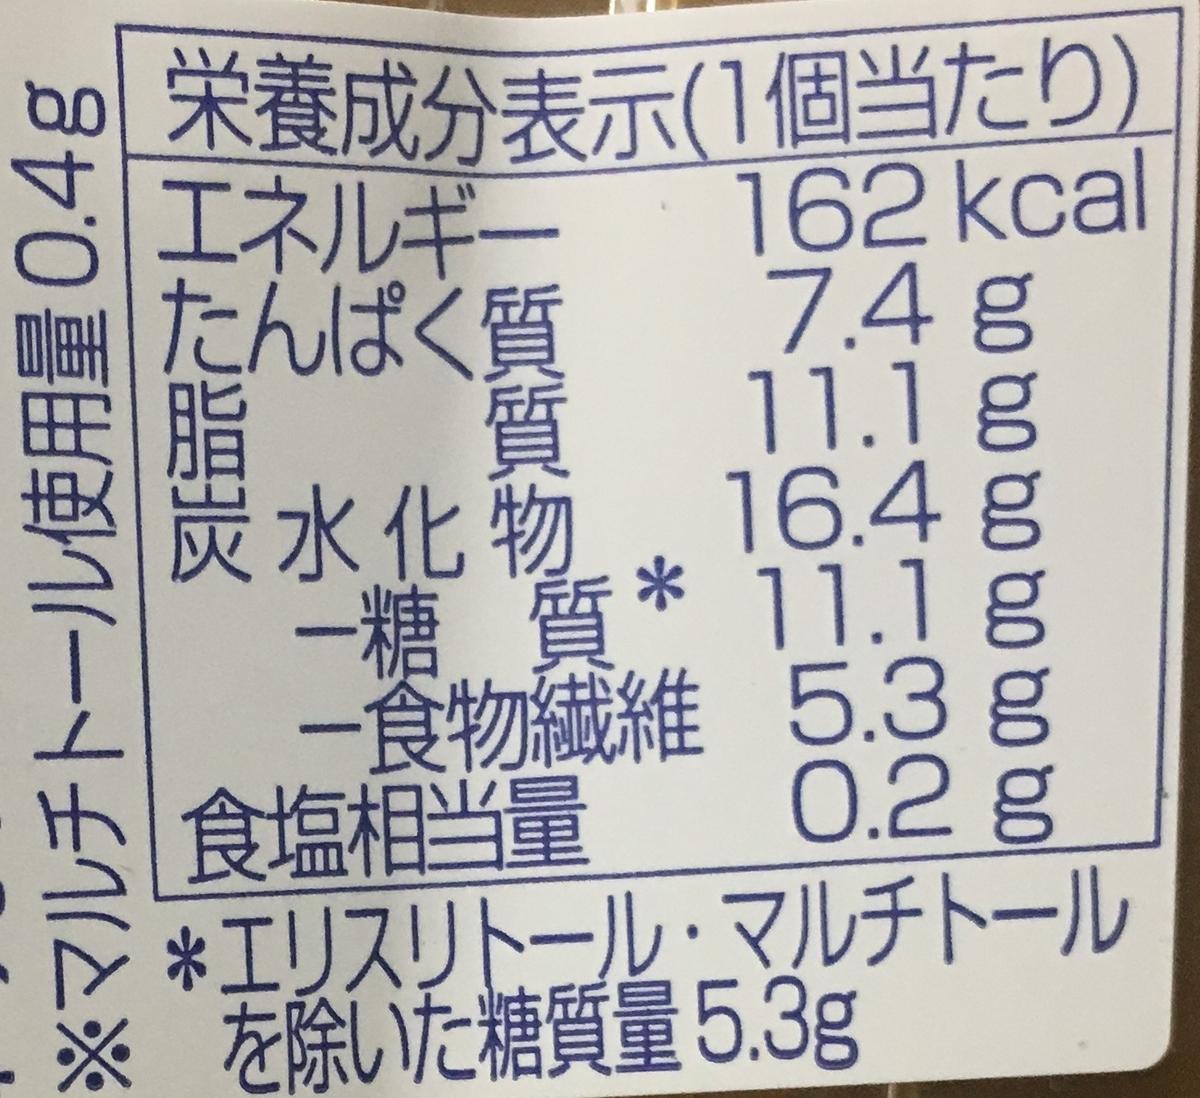 f:id:YOSHIO1010:20191003022351j:plain